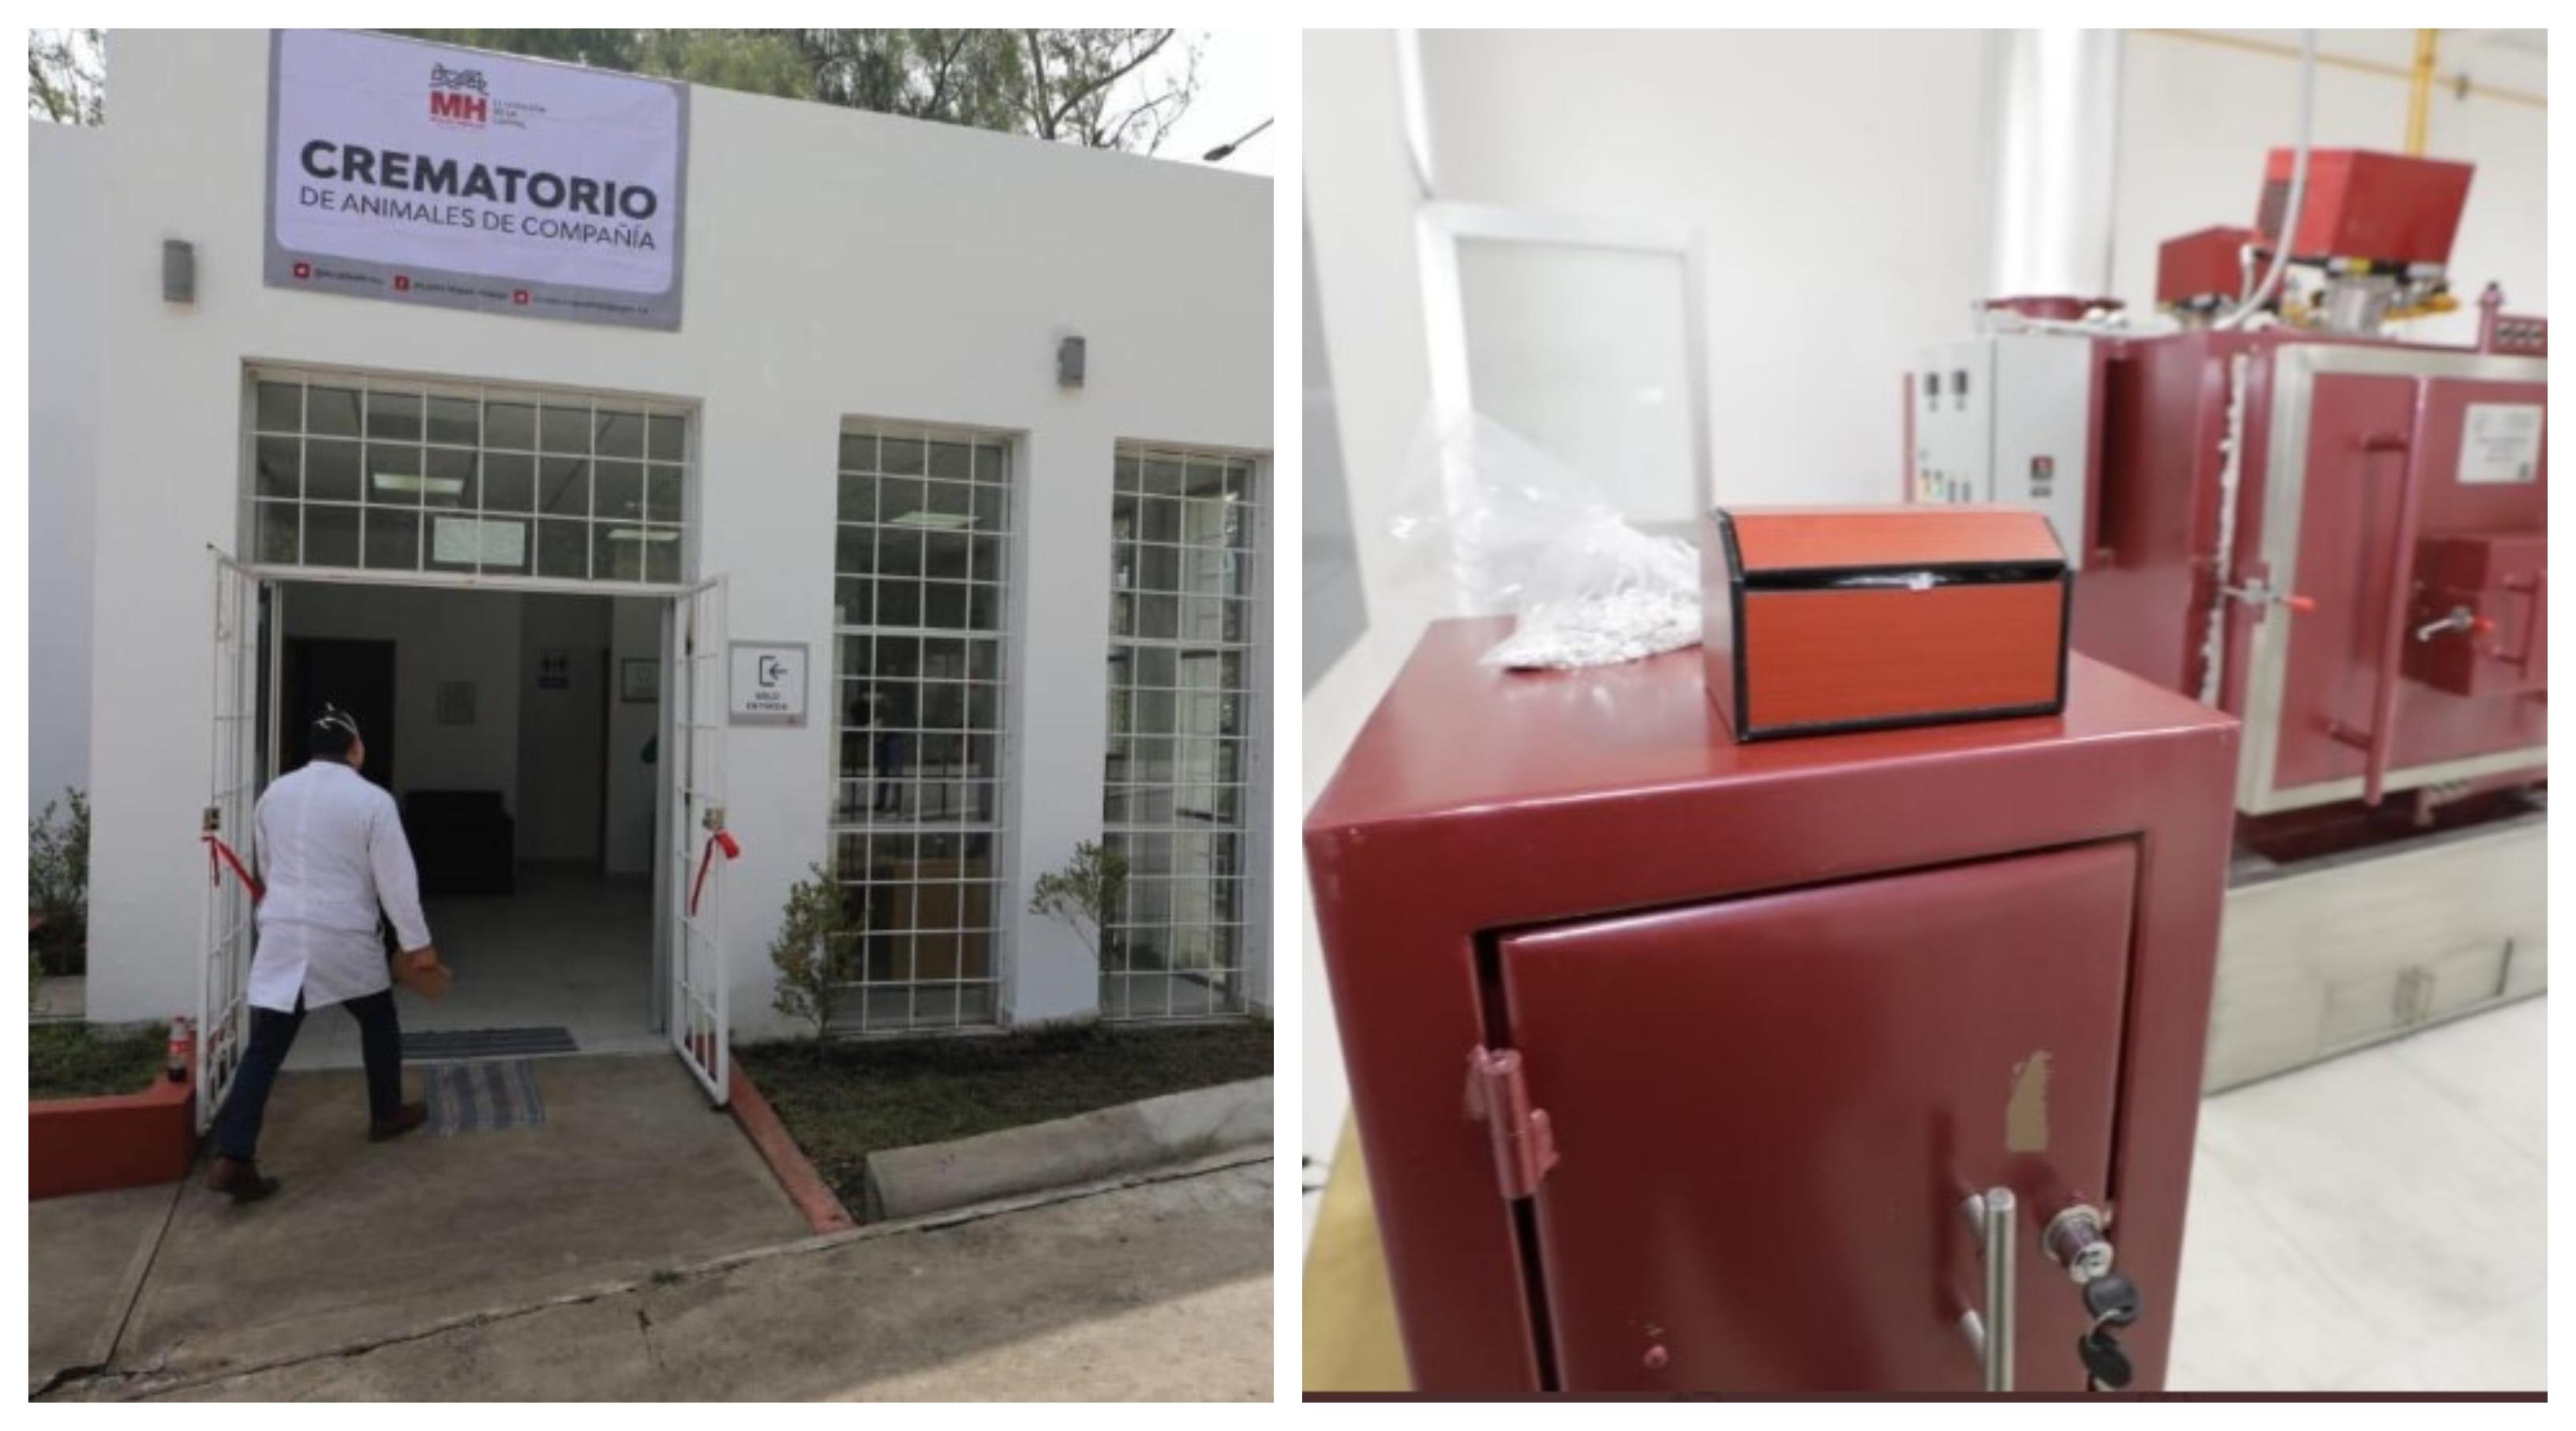 ¡Guaaau! Inauguran crematorio público para mascotas en CDMX